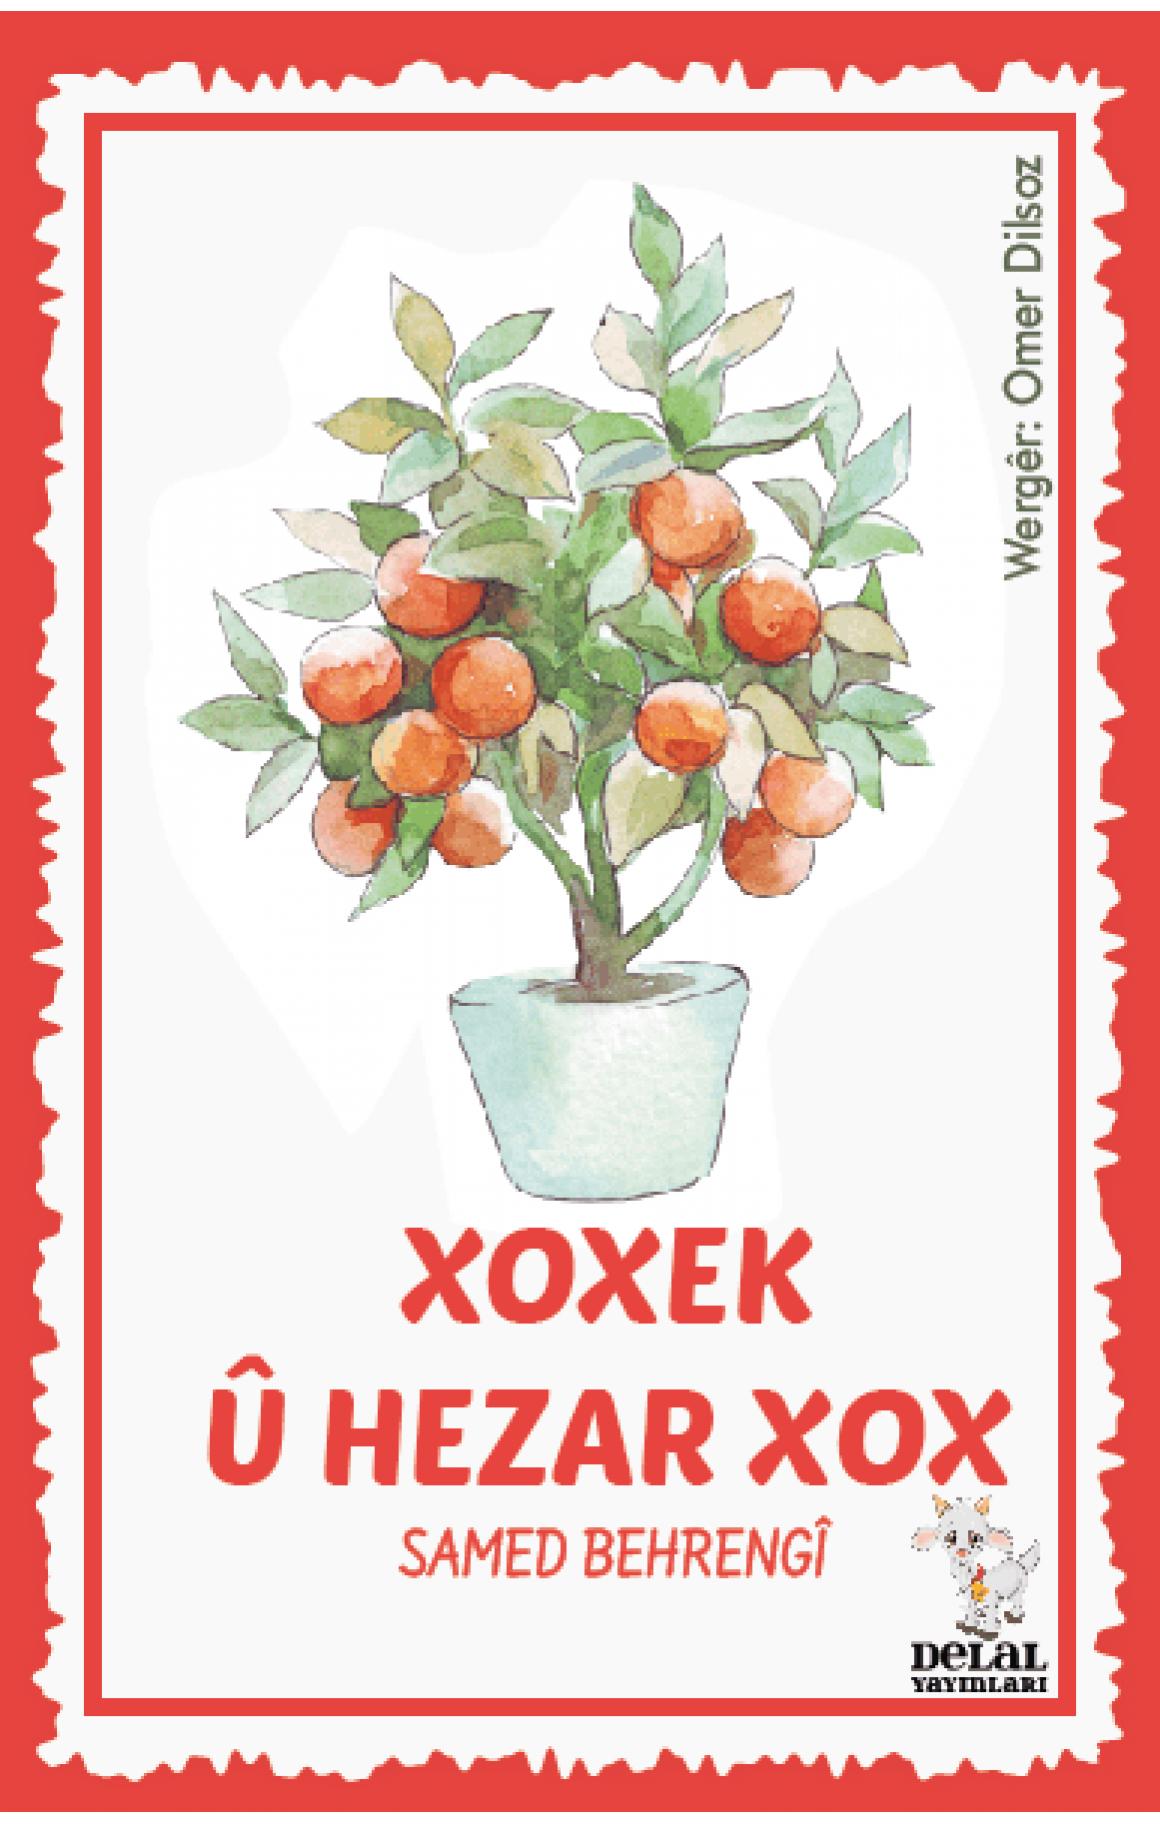 Xoxek Û Hezar Xox